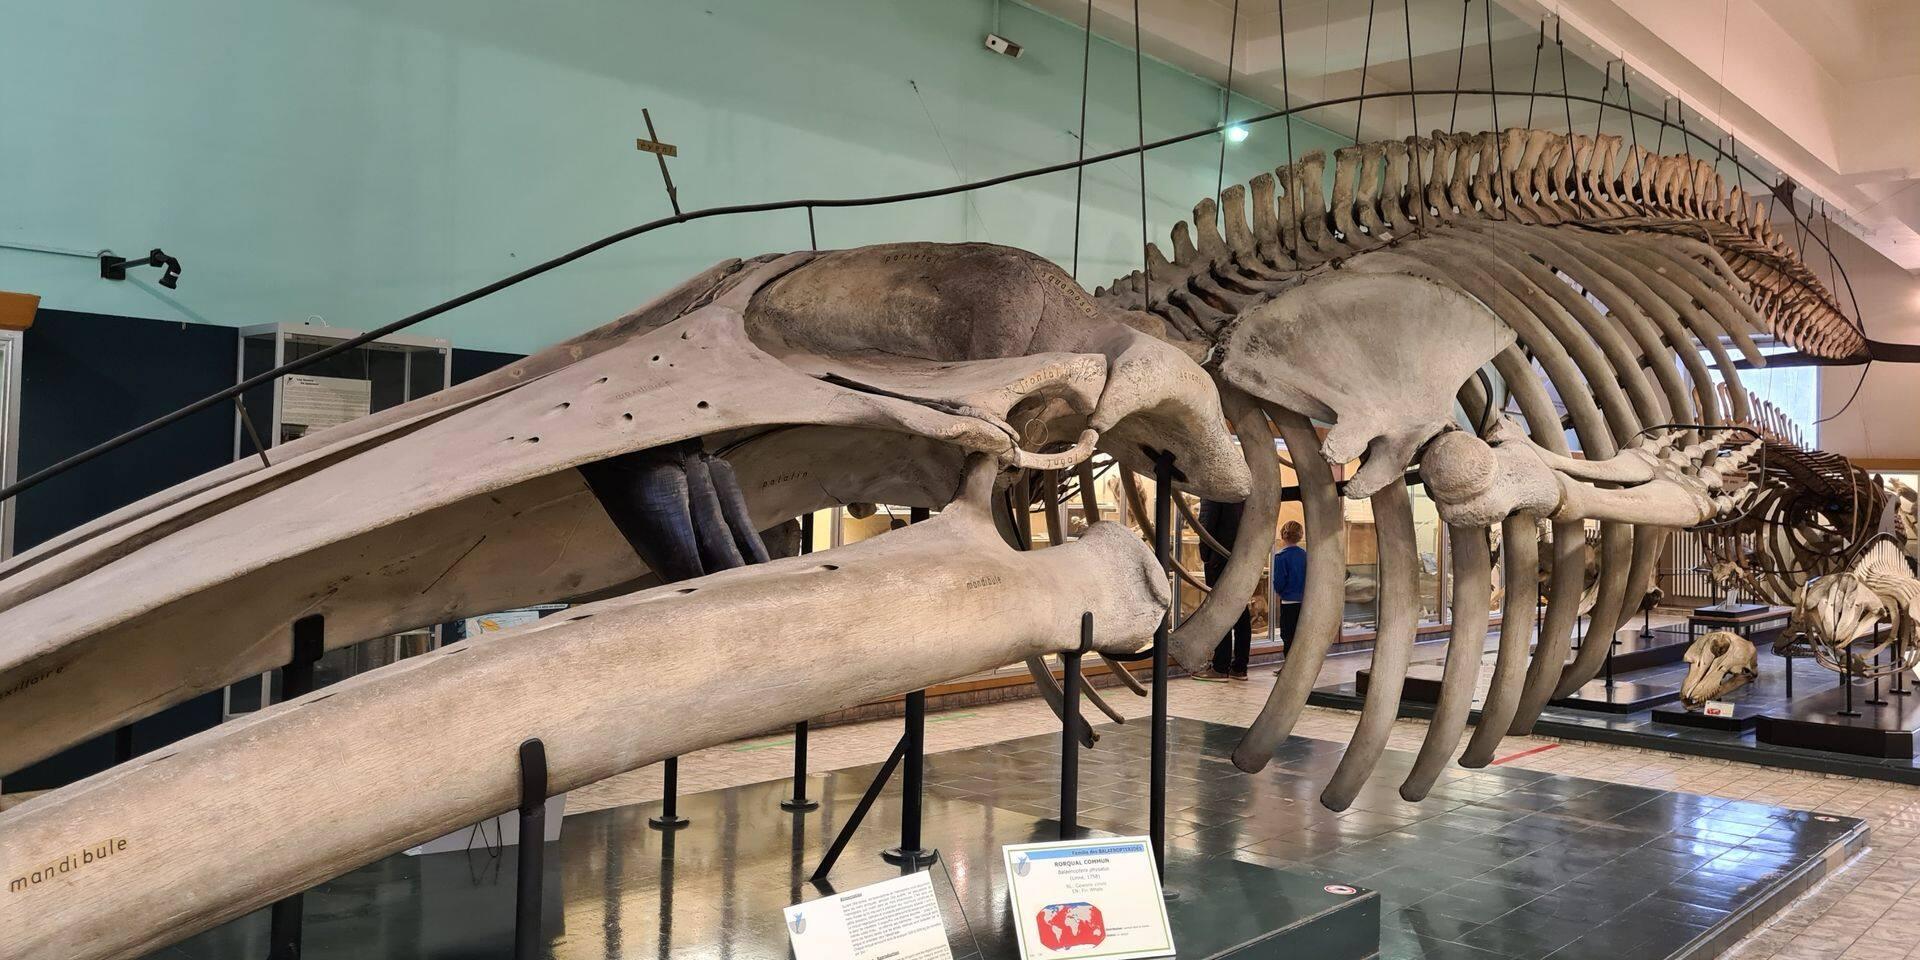 Vers un nouveau musée de zoologie à Liège